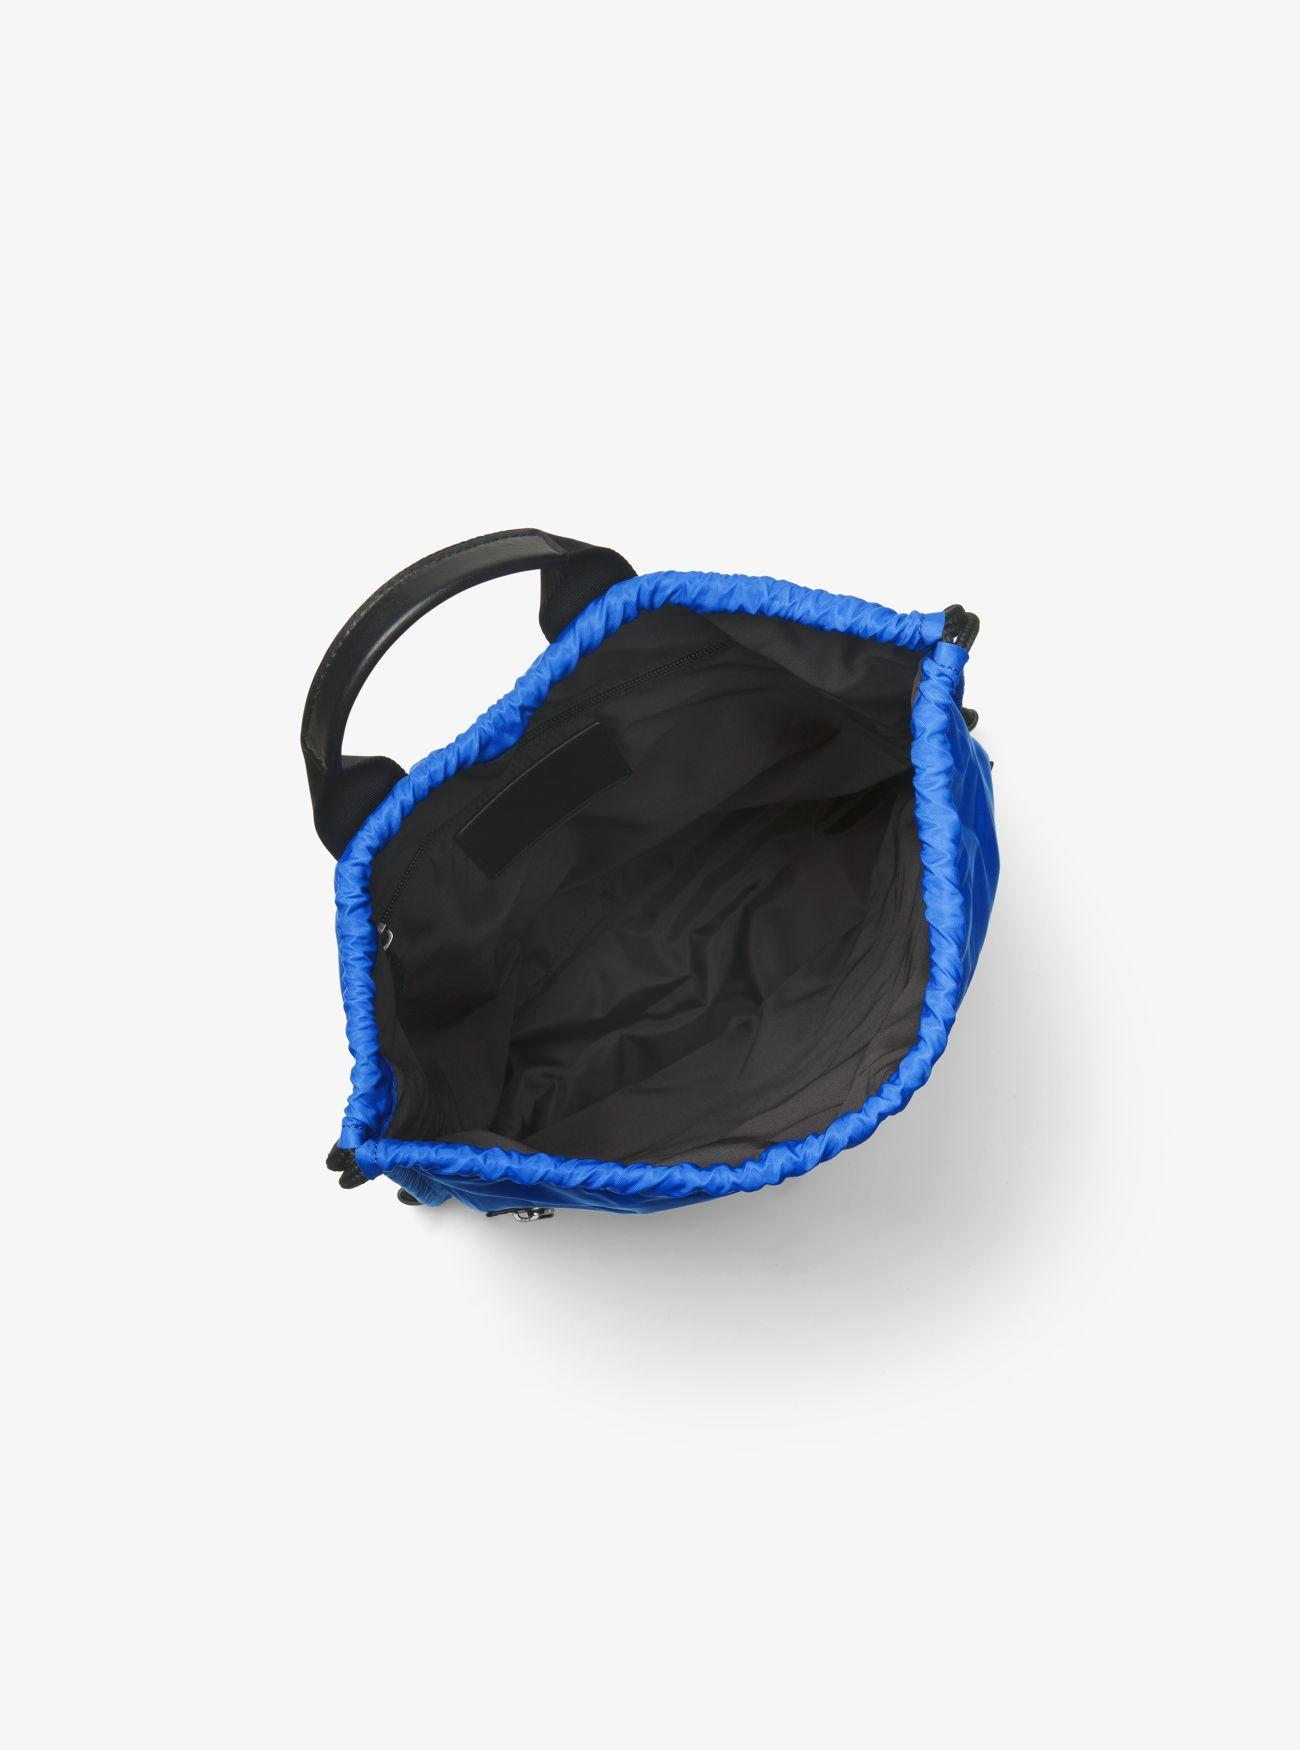 Michael Kors Synthetic Kent Nylon Drawstring Backpack in Cobalt (Blue) for Men